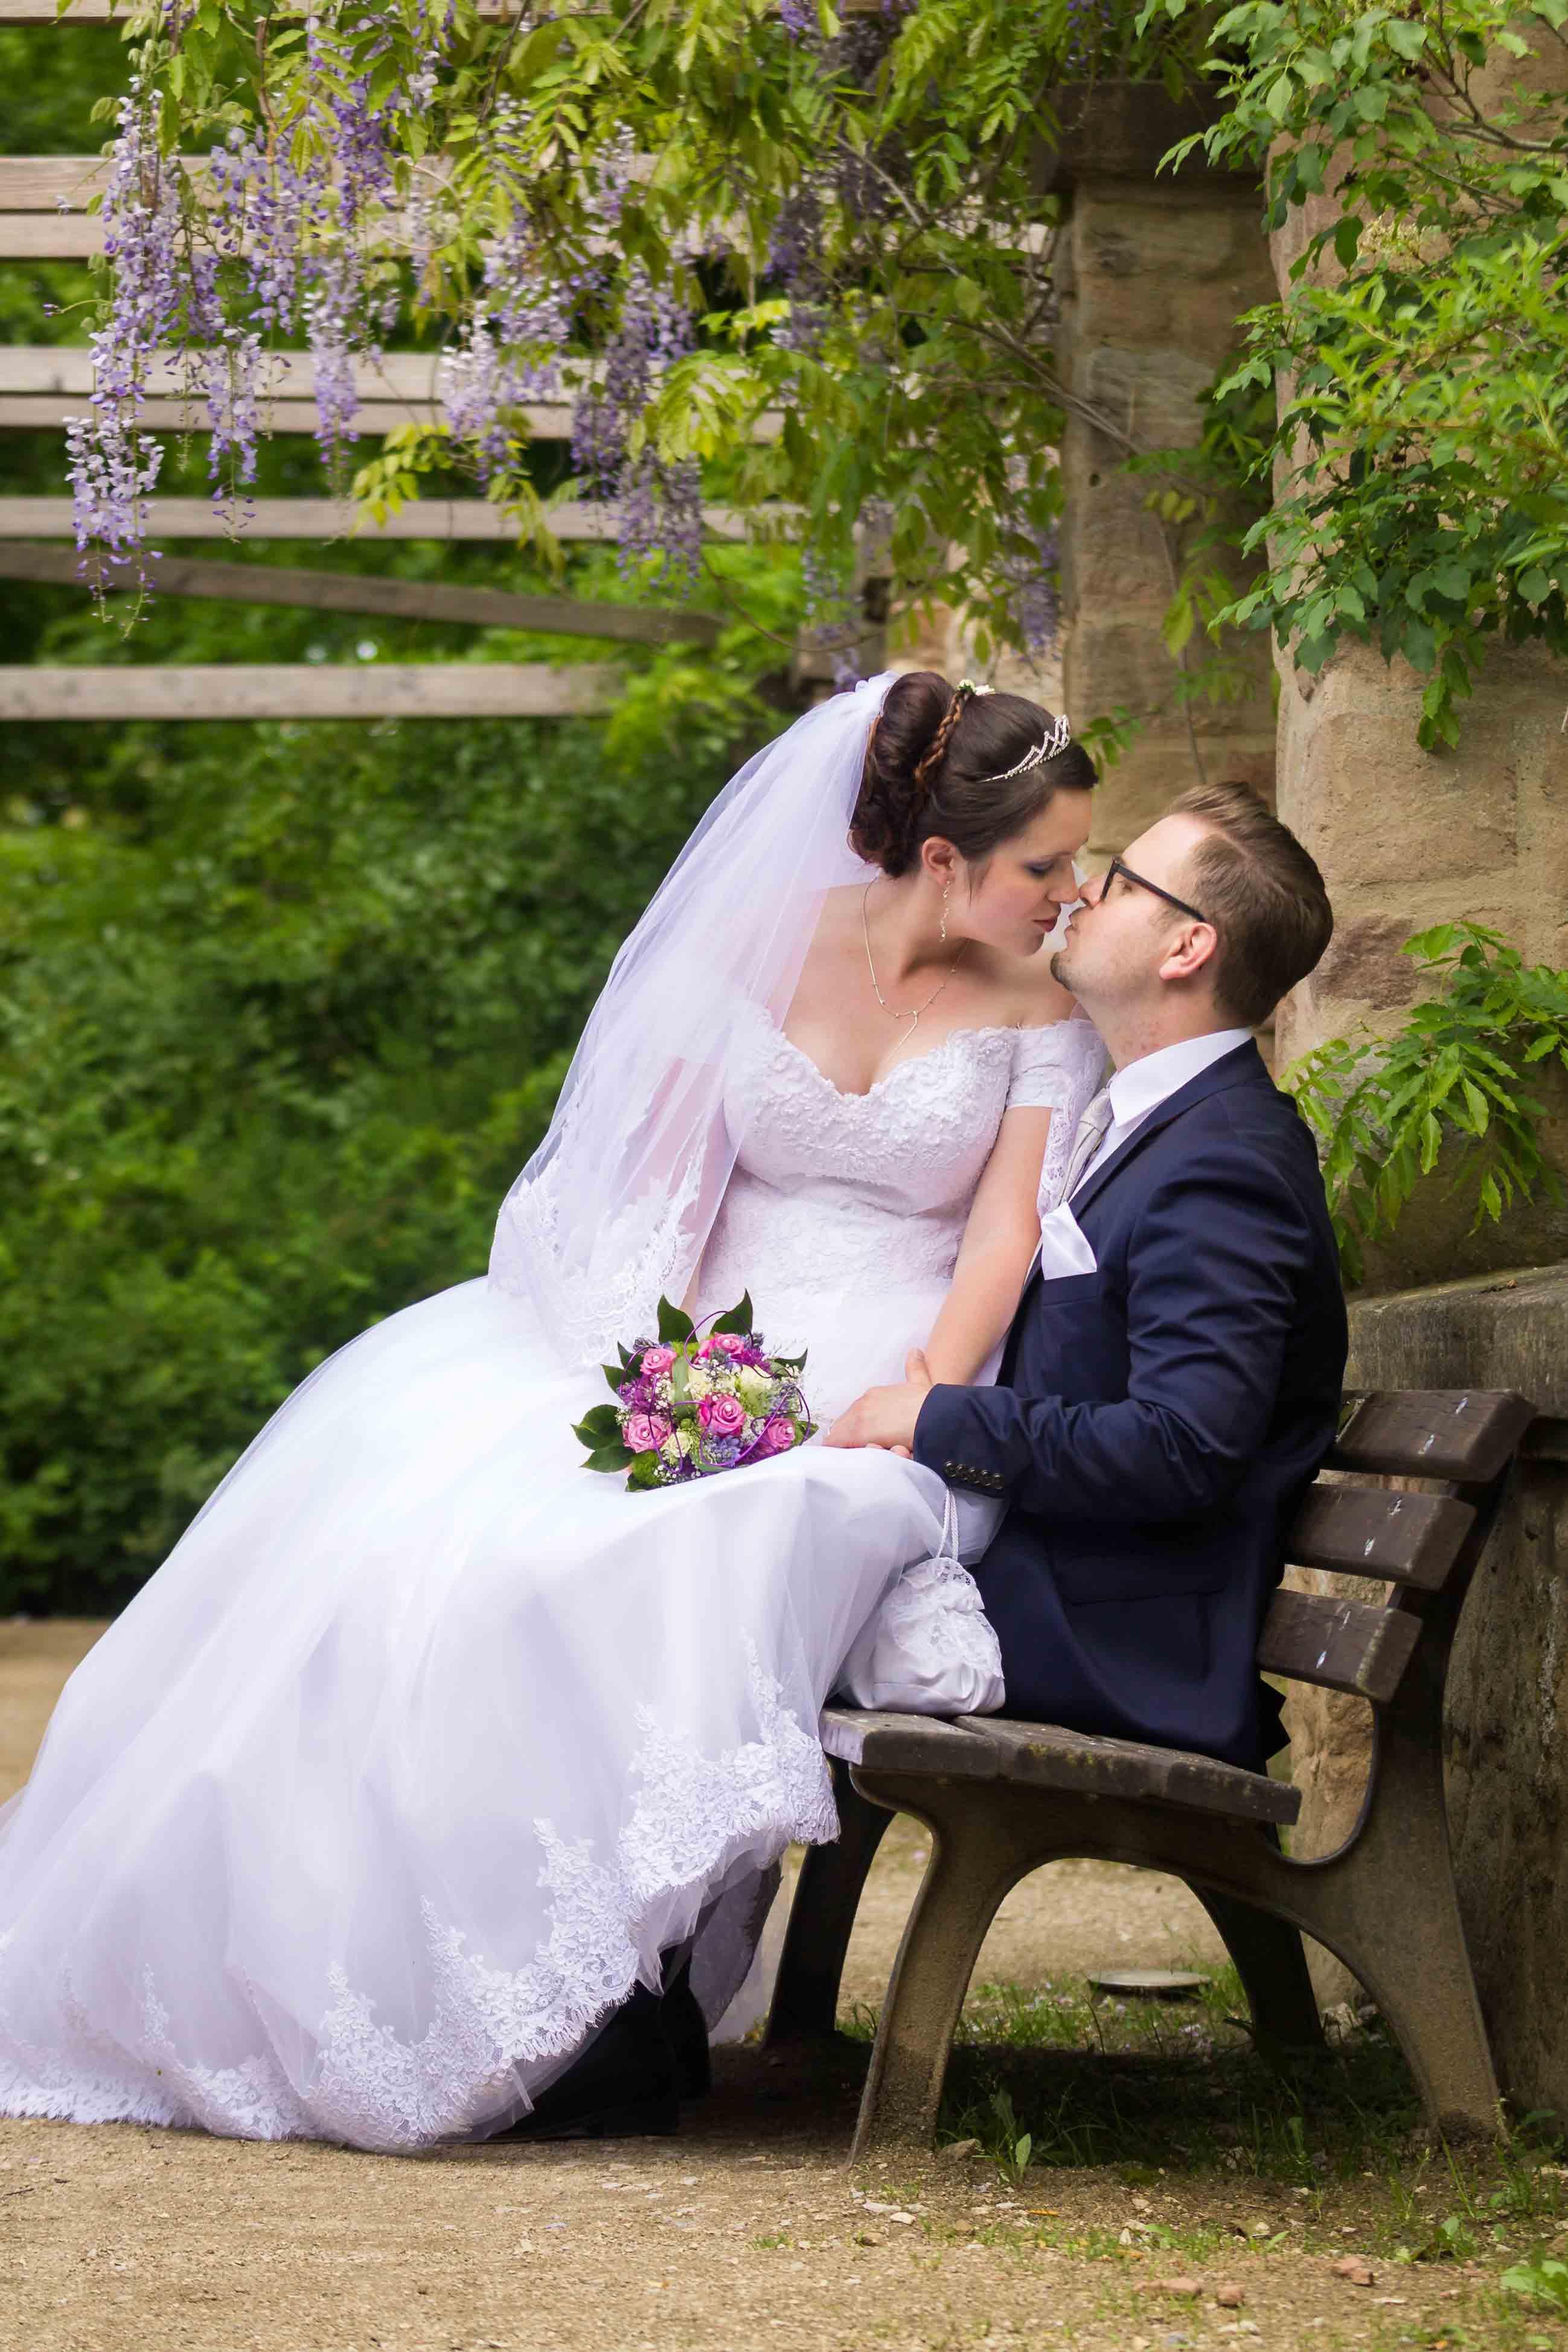 Hochzeit und Paare IMG 2301w